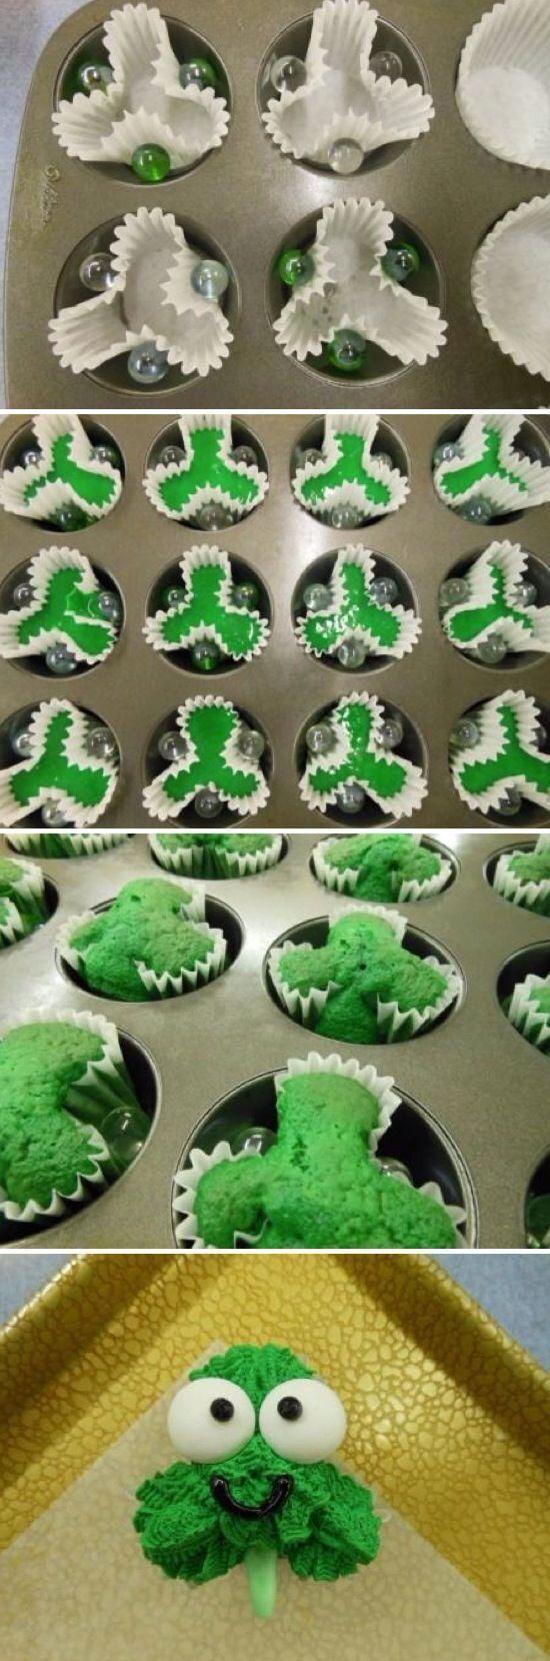 Shamrock cupcakes WHAT